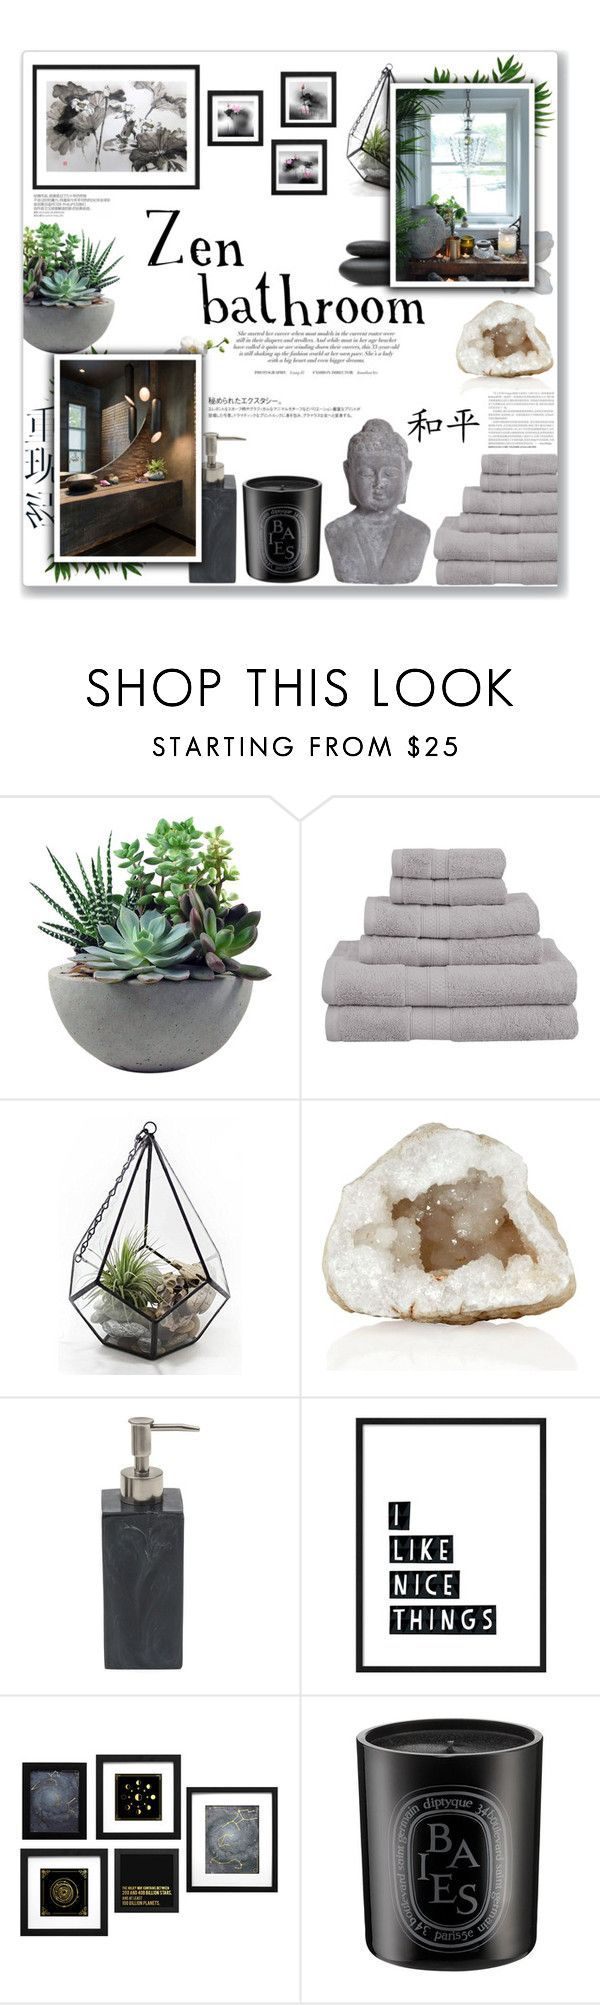 Zen Bathroom By Lauren A J Reid On Polyvore Featuring Interior Interiors